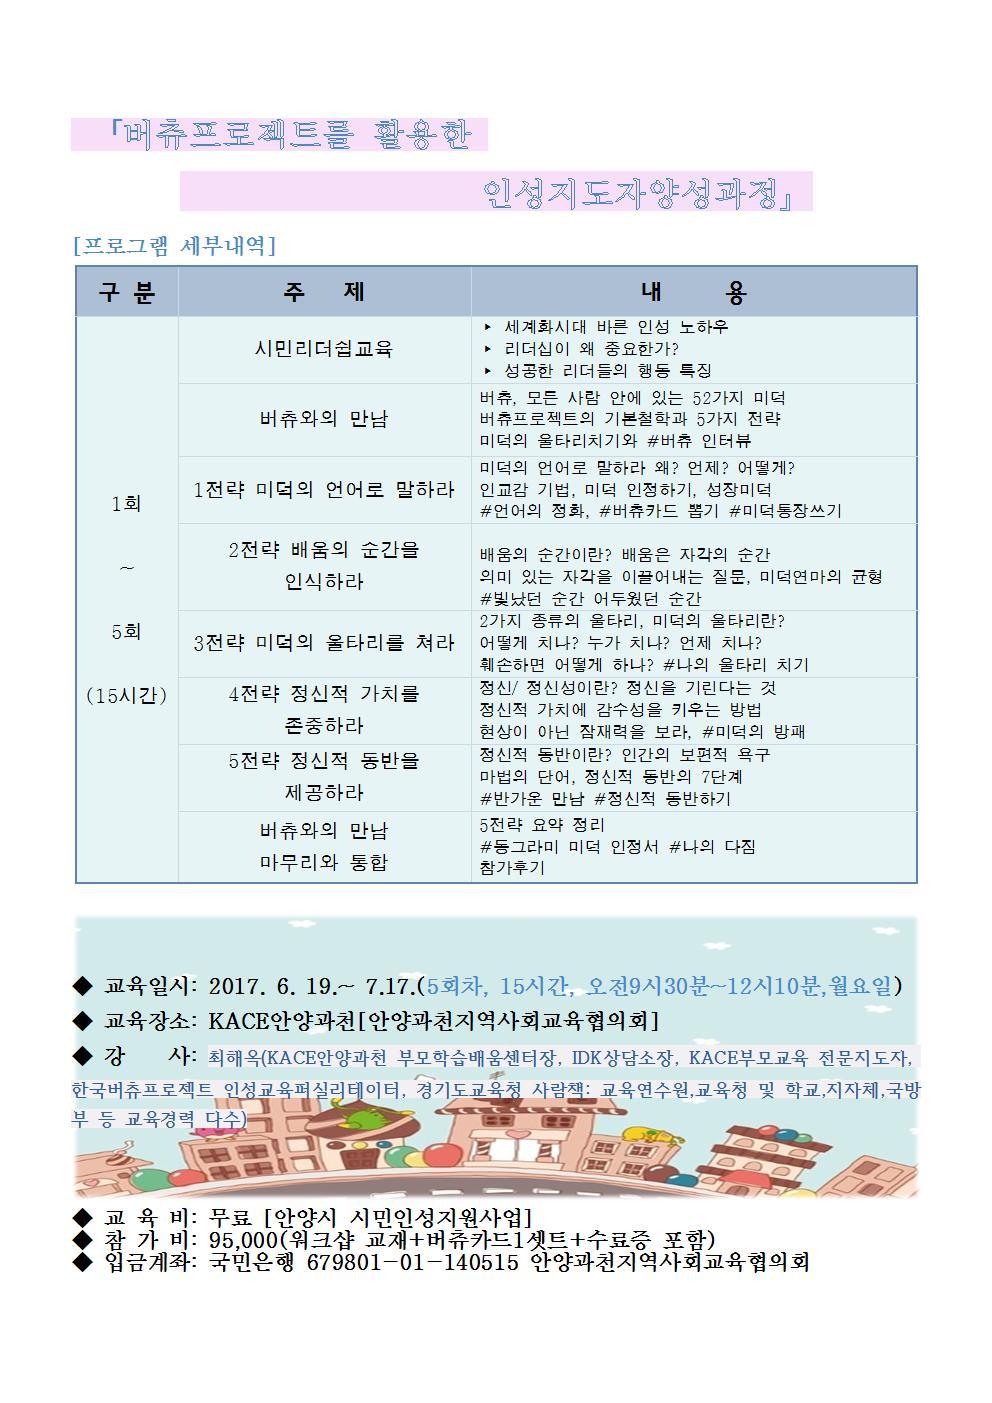 ▣버츄프로젝트를 활용한 인성지도자양성과정(15시간)001.jpg